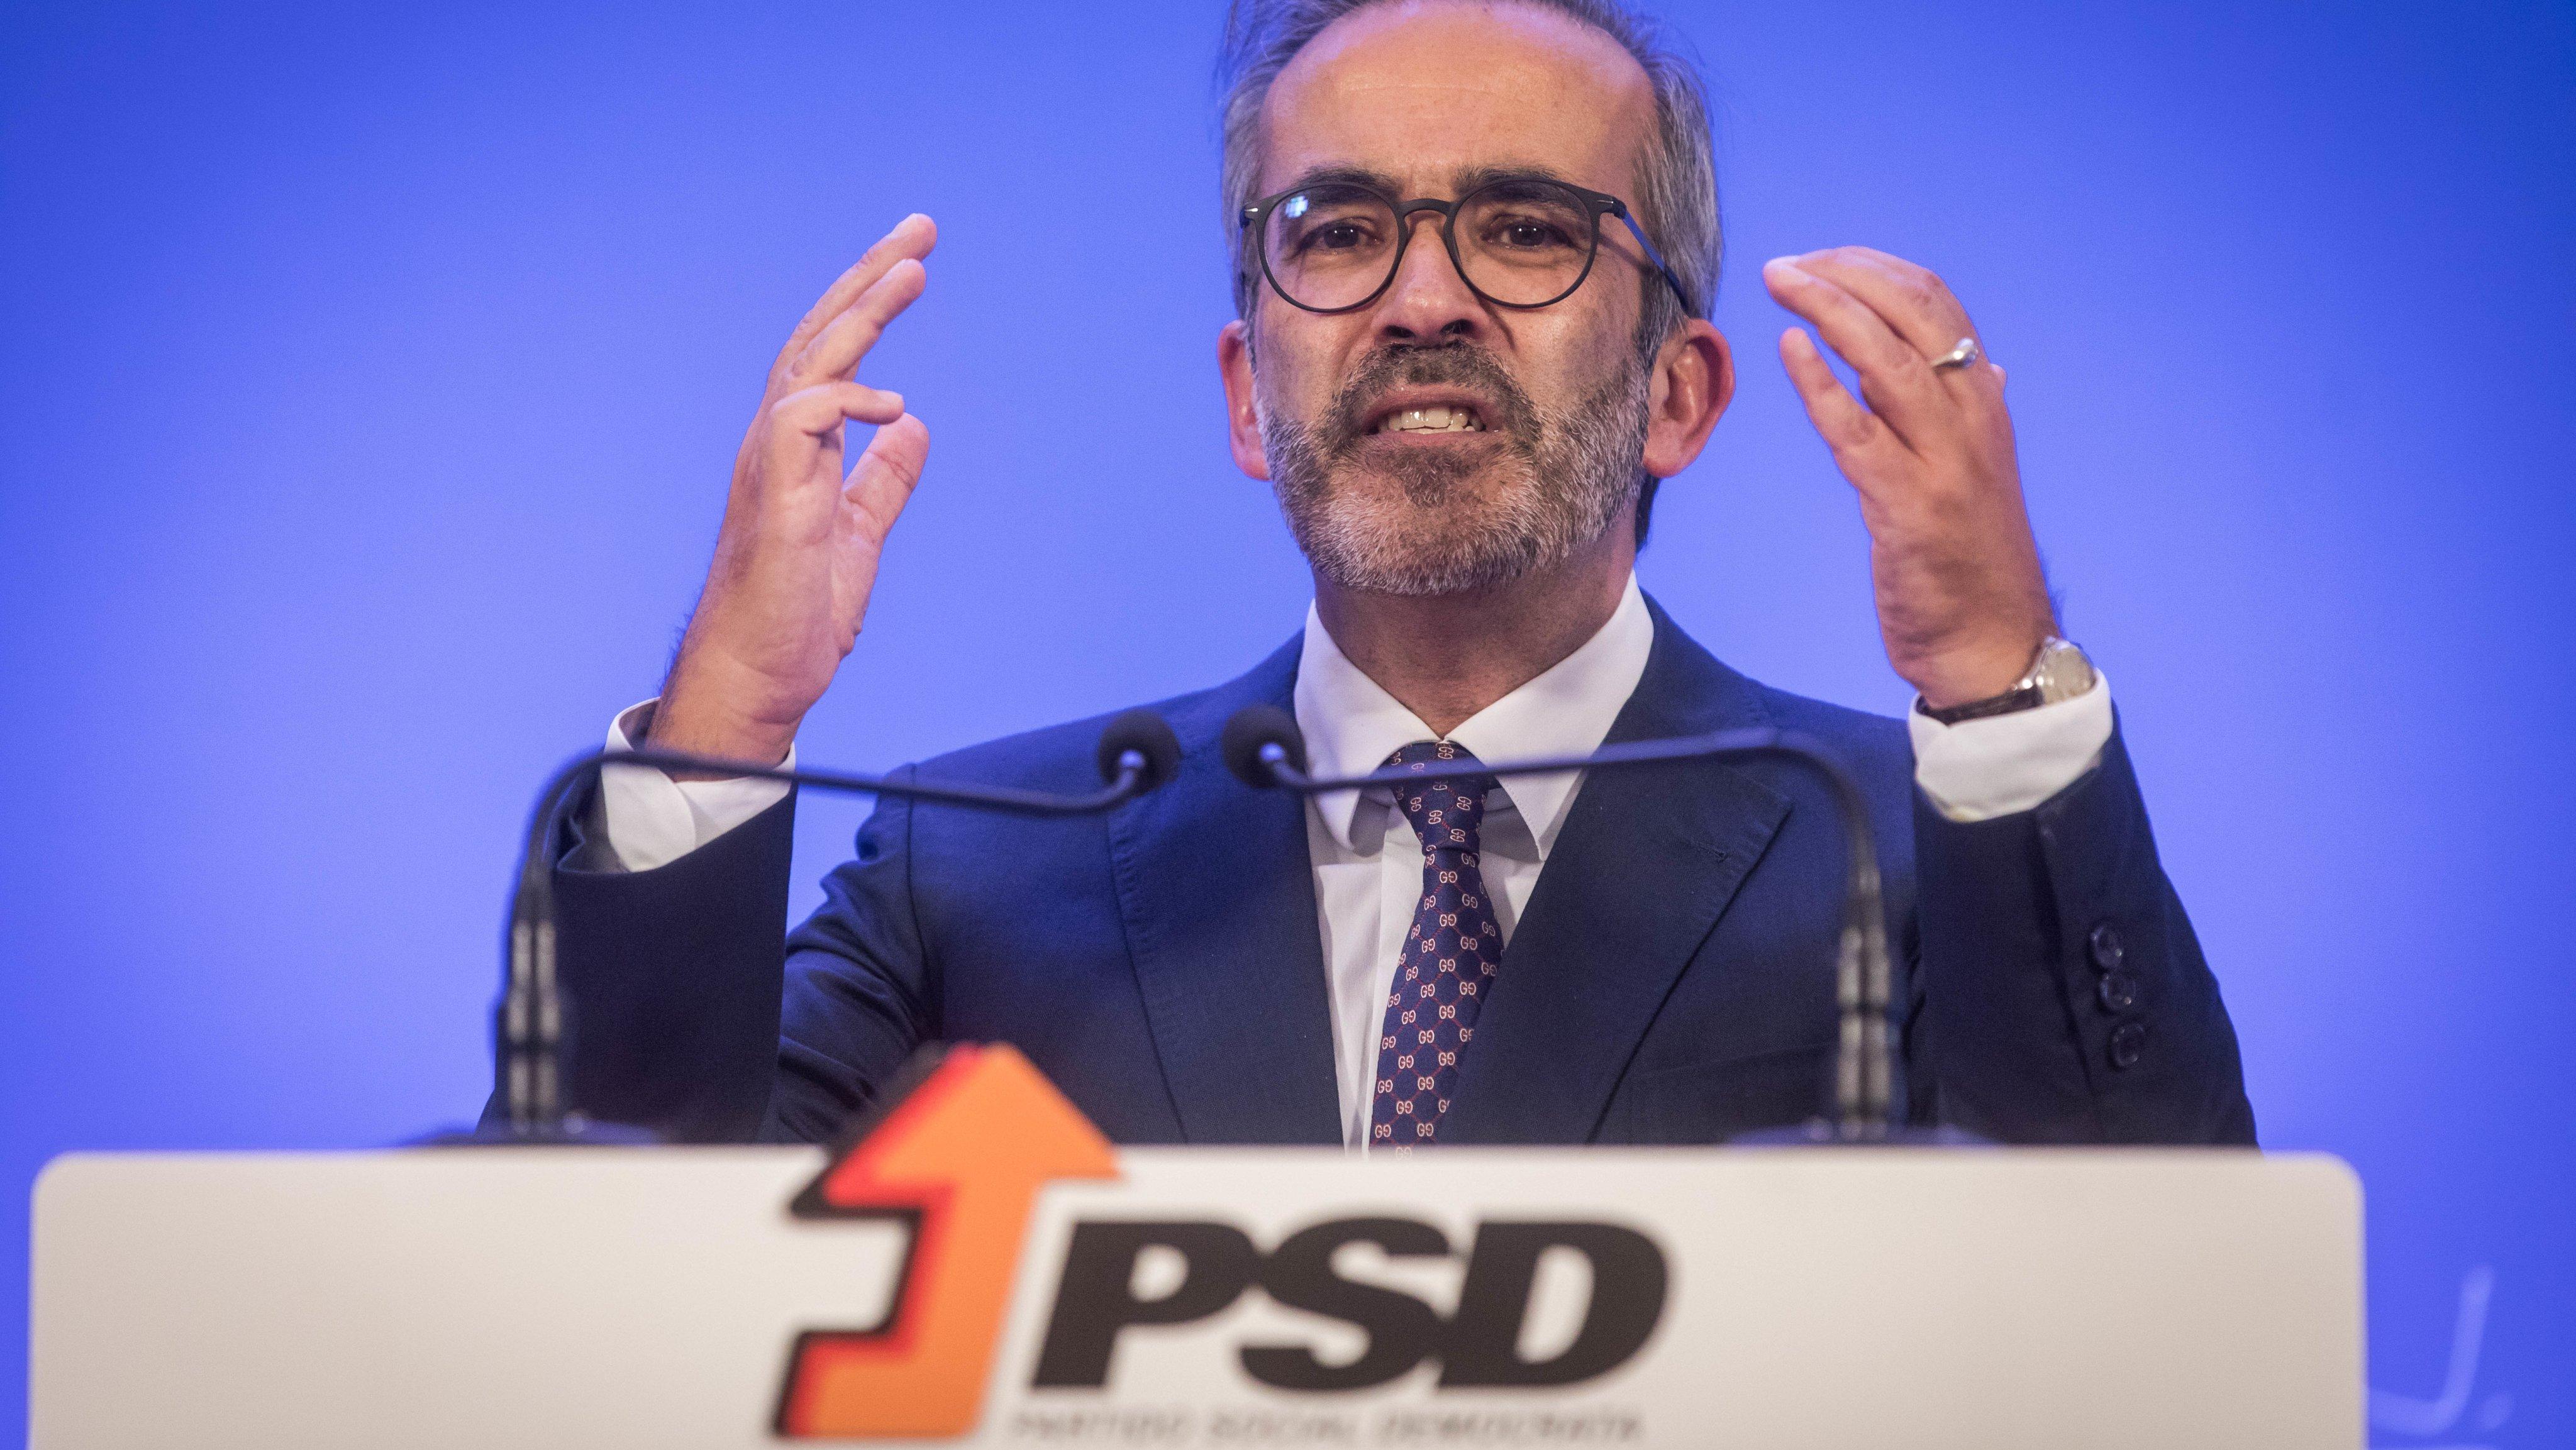 Apresentação da candidatura à liderança do PSD - Partido Social Democrata, por Paulo Rangel, eurodeputado. As próximas eleições diretas do partido realizam-se a 4 de dezembro de 2021. Lisboa, 15 de outubro de 2021. JOÃO PORFÍRIO/OBSERVADOR